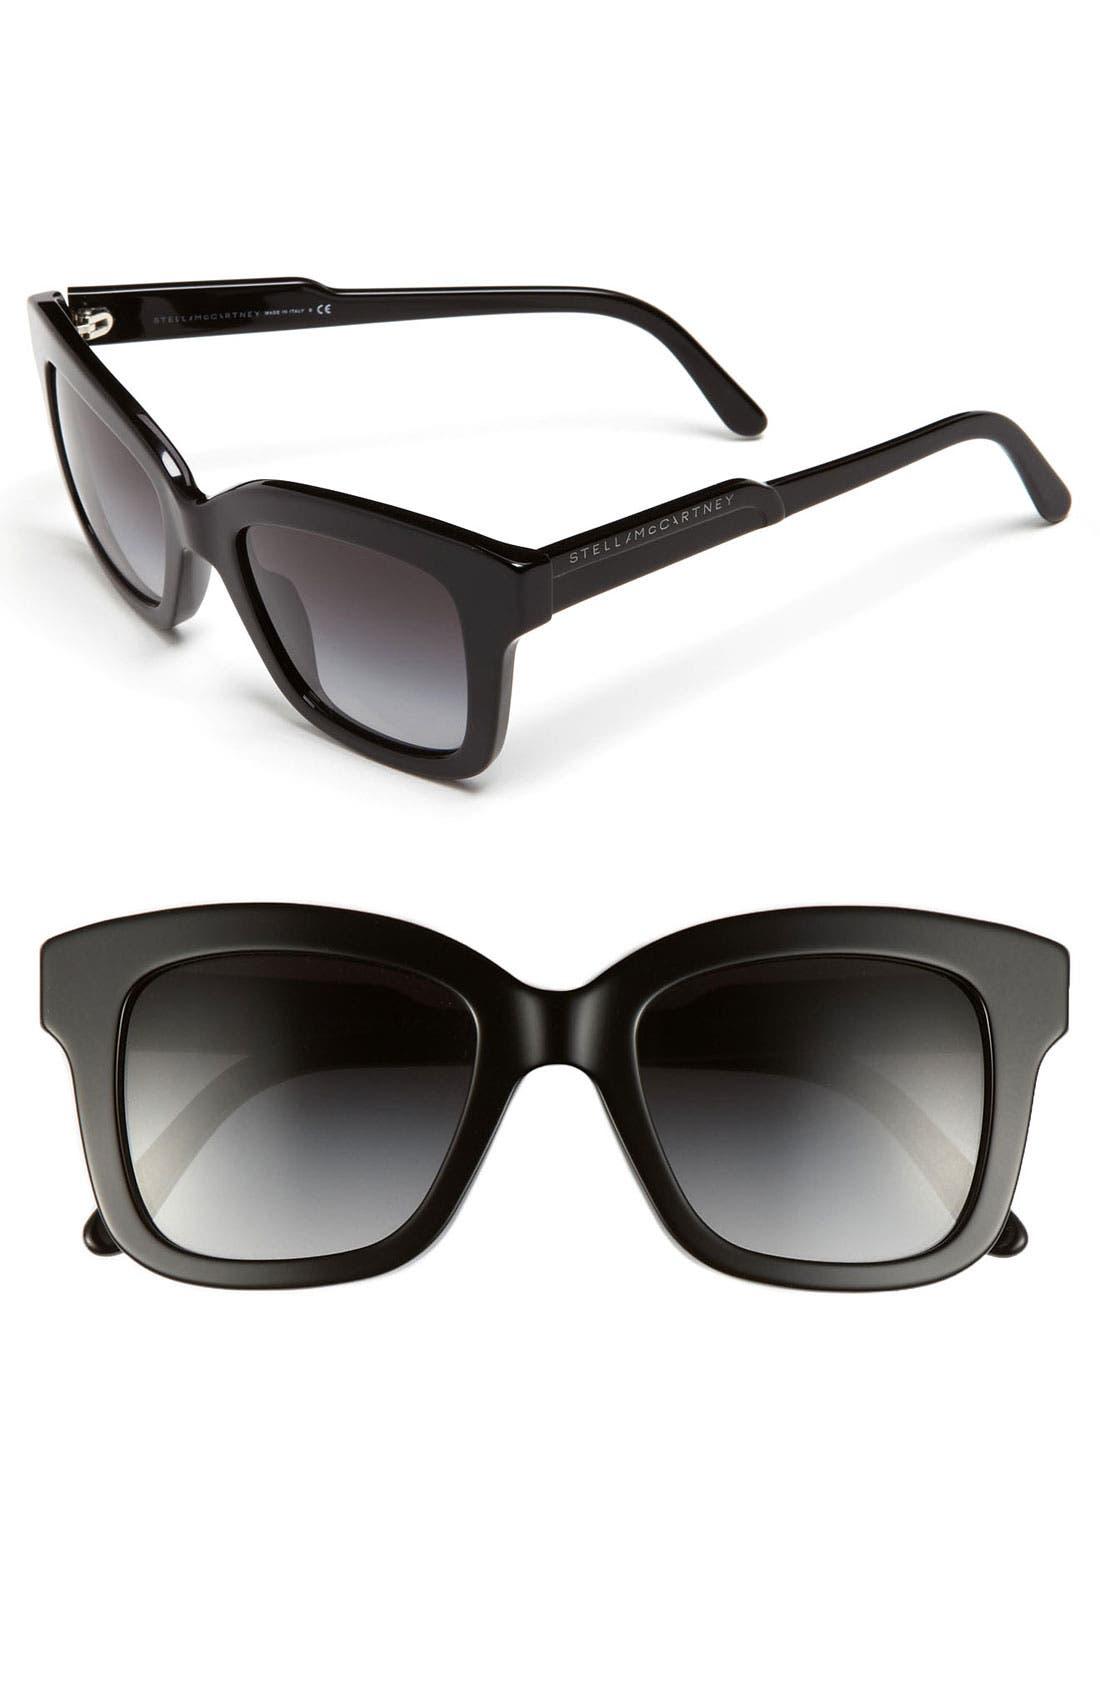 42mm Retro Sunglasses,                             Main thumbnail 1, color,                             Black